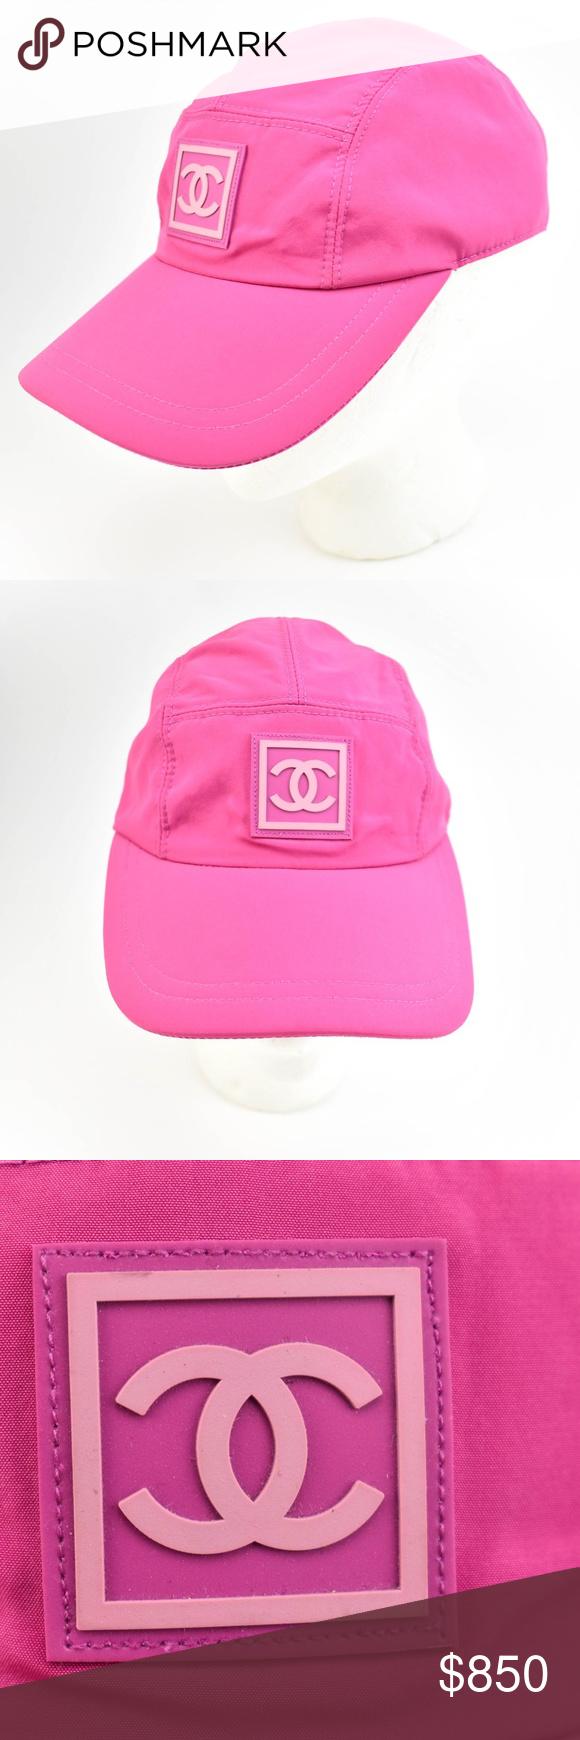 74c1d25af46 CHANEL  Pink  amp